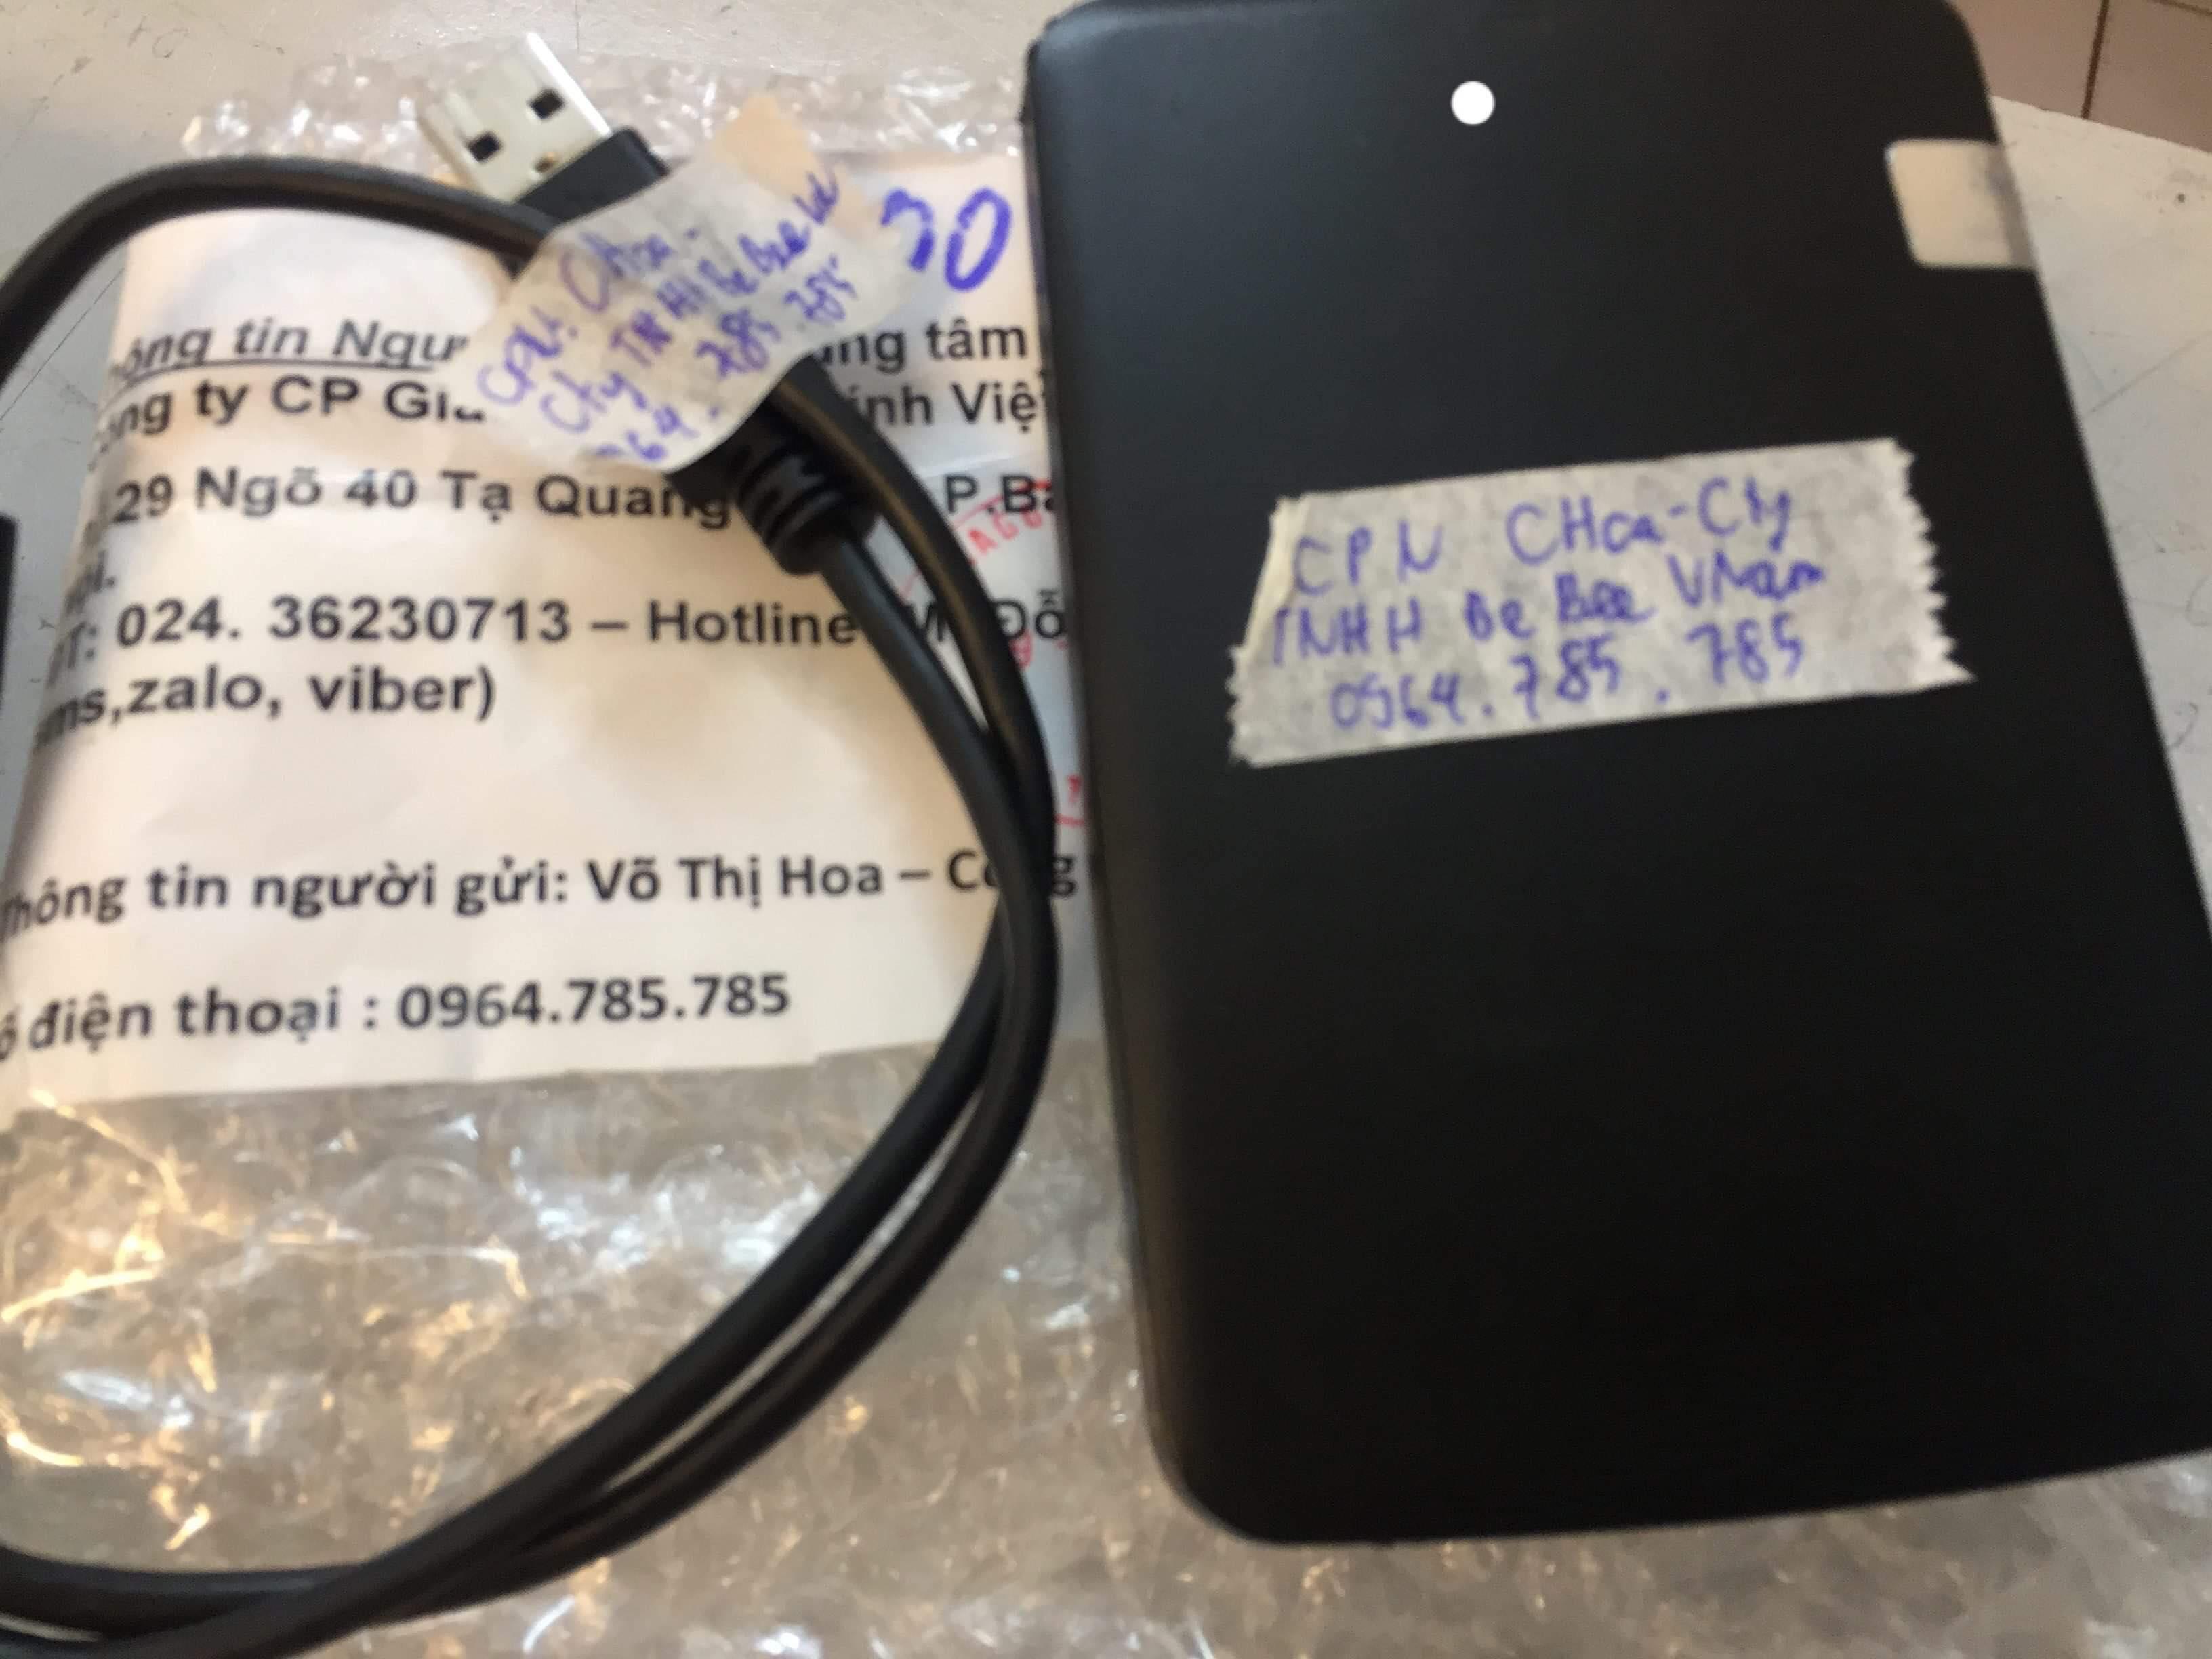 Lấy dữ liệu ổ cứng Toshiba 1TB lỗi cơ 01/03/2019 - cuumaytinh